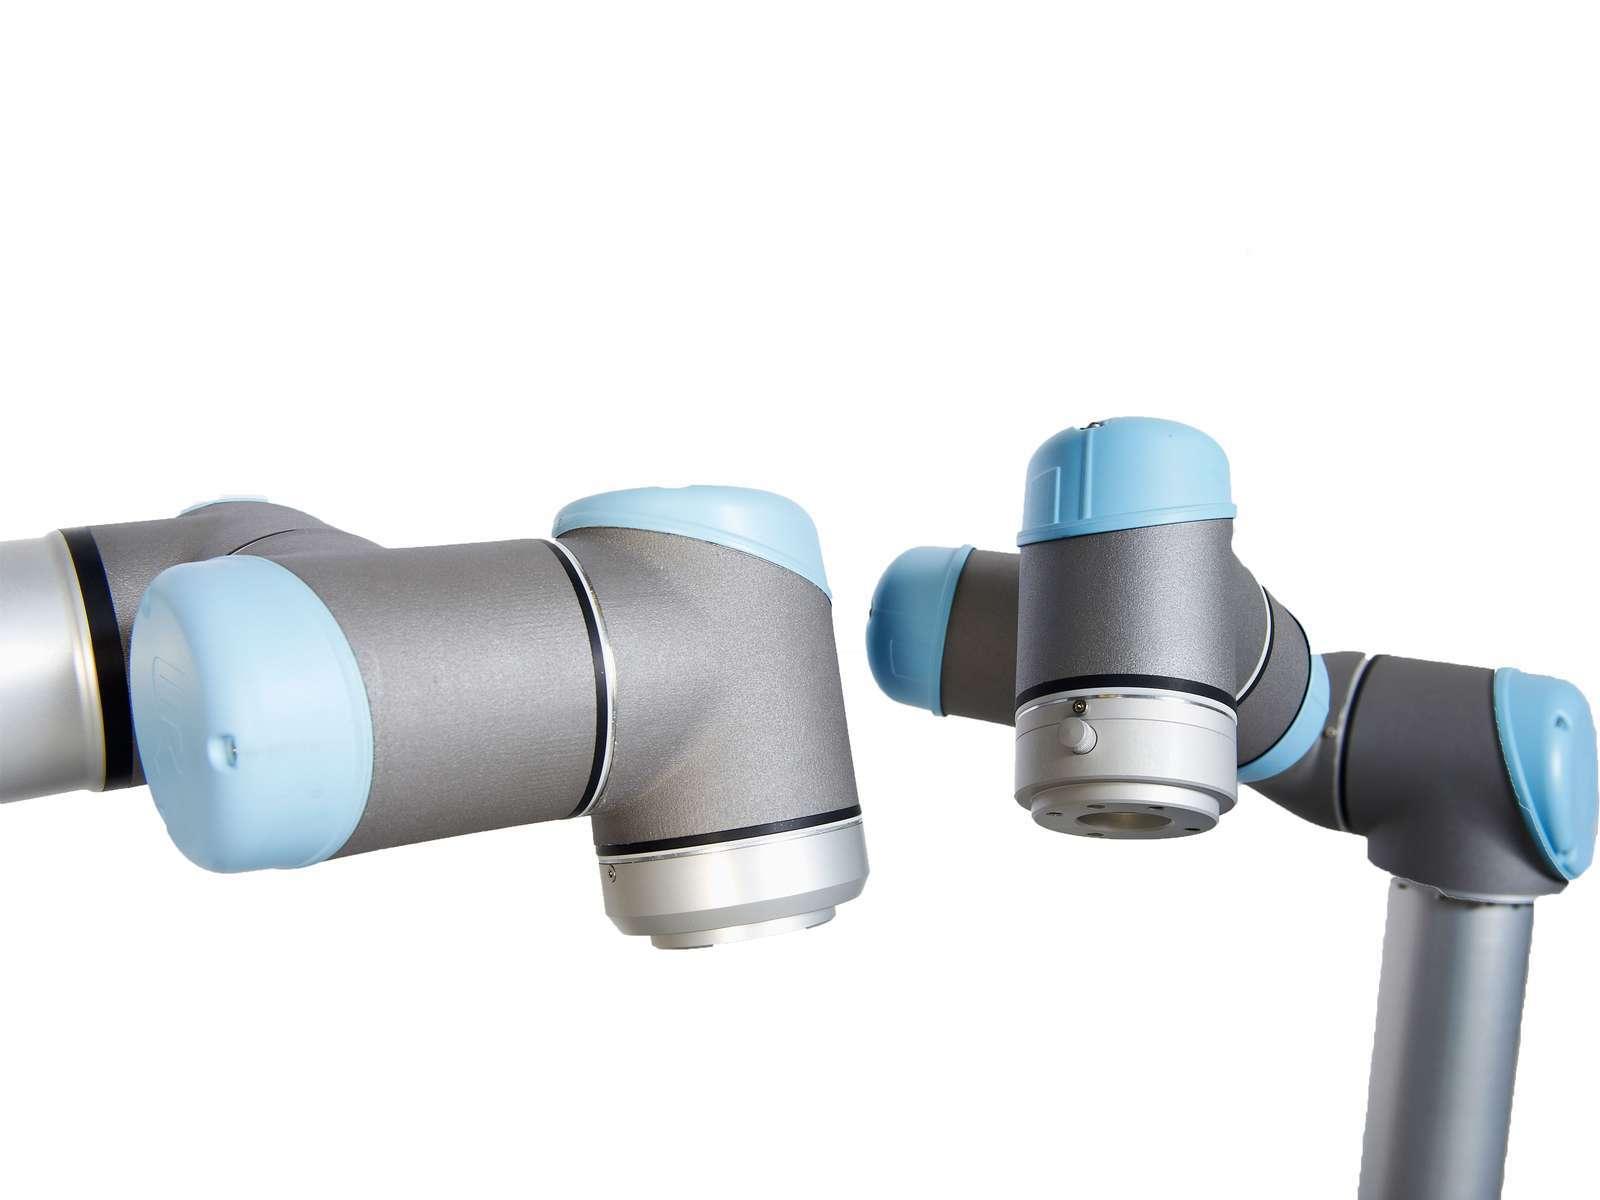 Video Roboții, la putere | holiday-dreams.ro - Site-ul de stiri al TVR